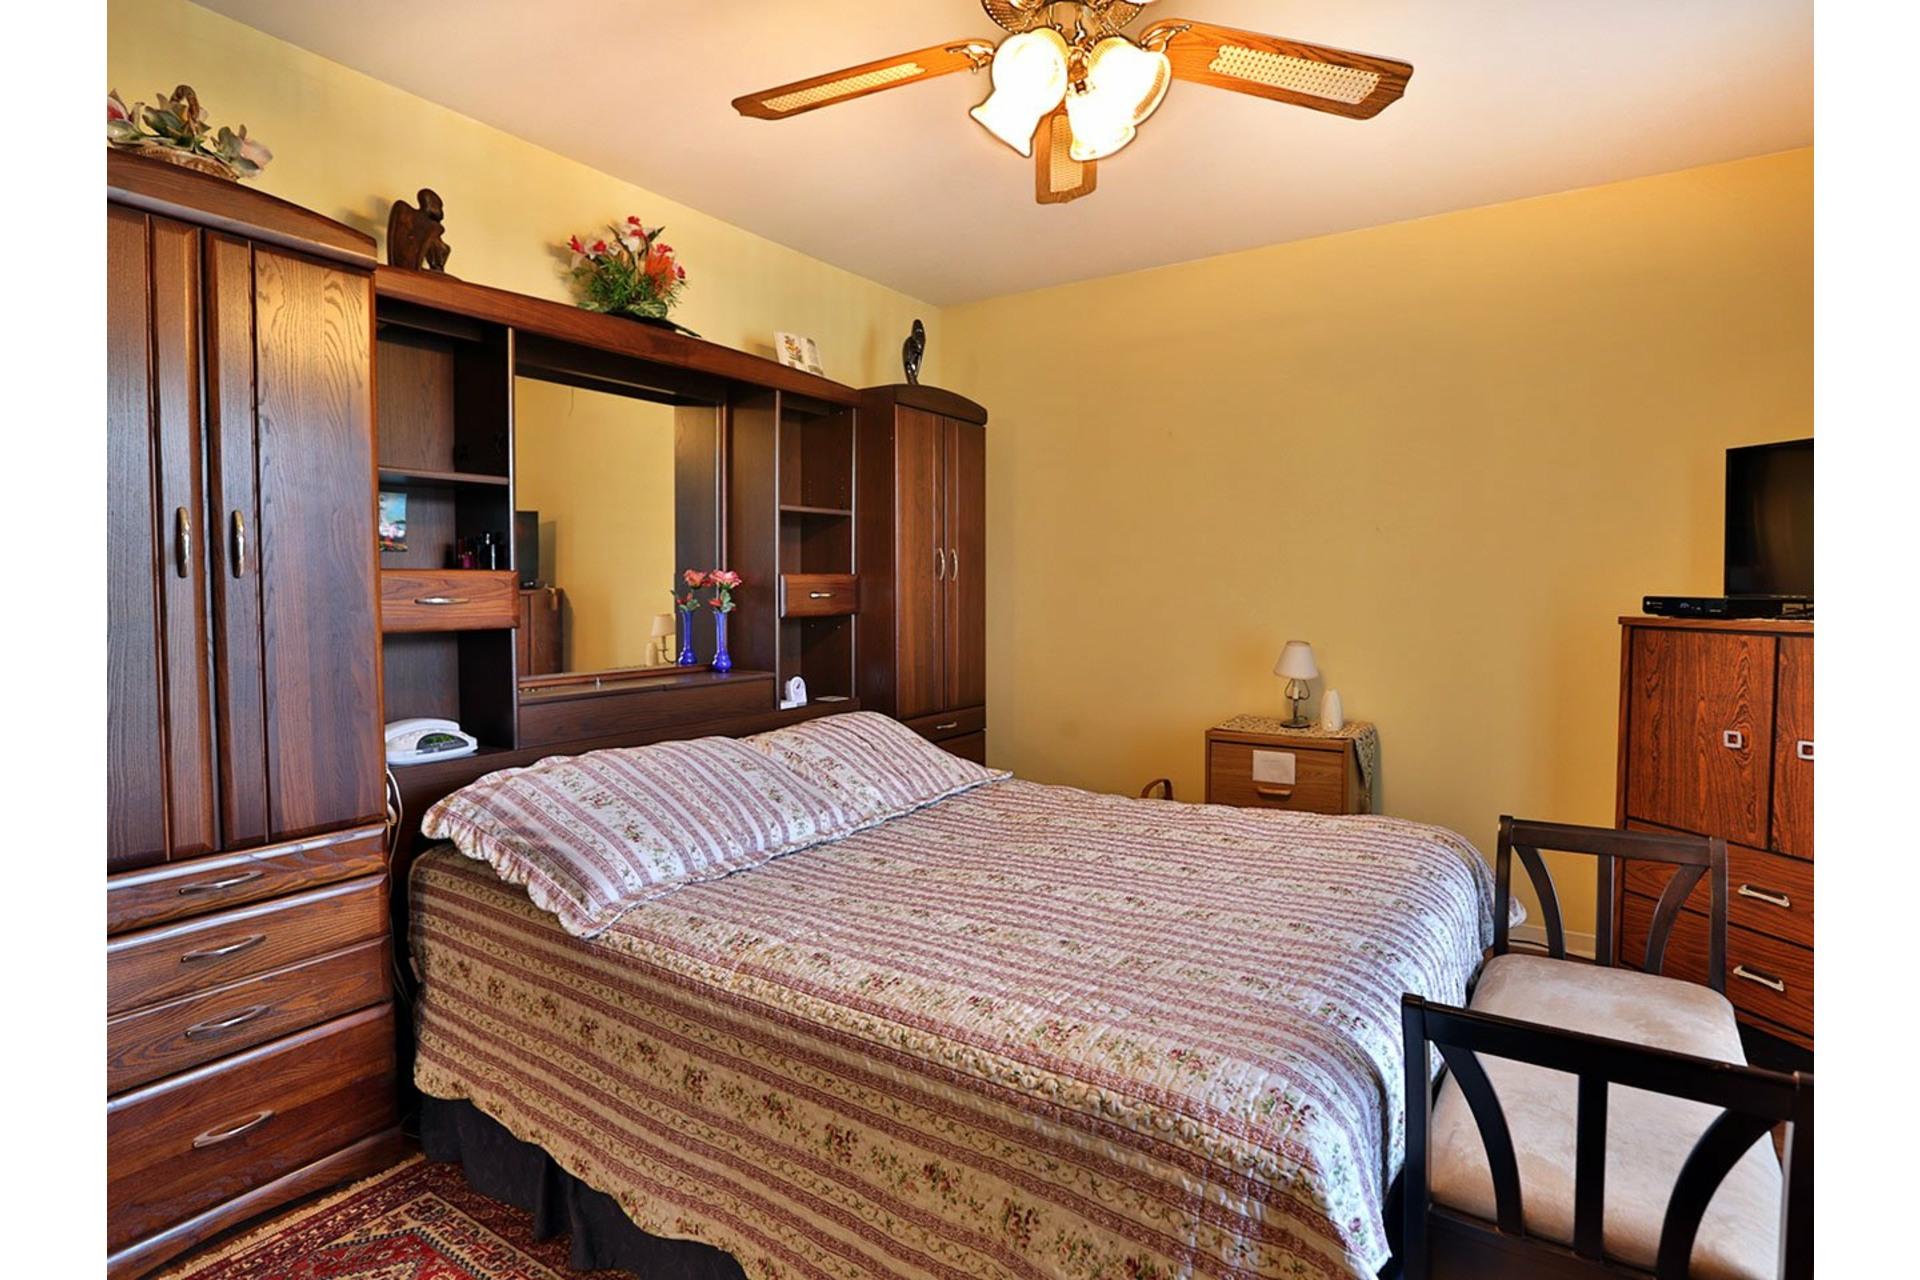 image 12 - Appartement À louer Brossard - 6 pièces